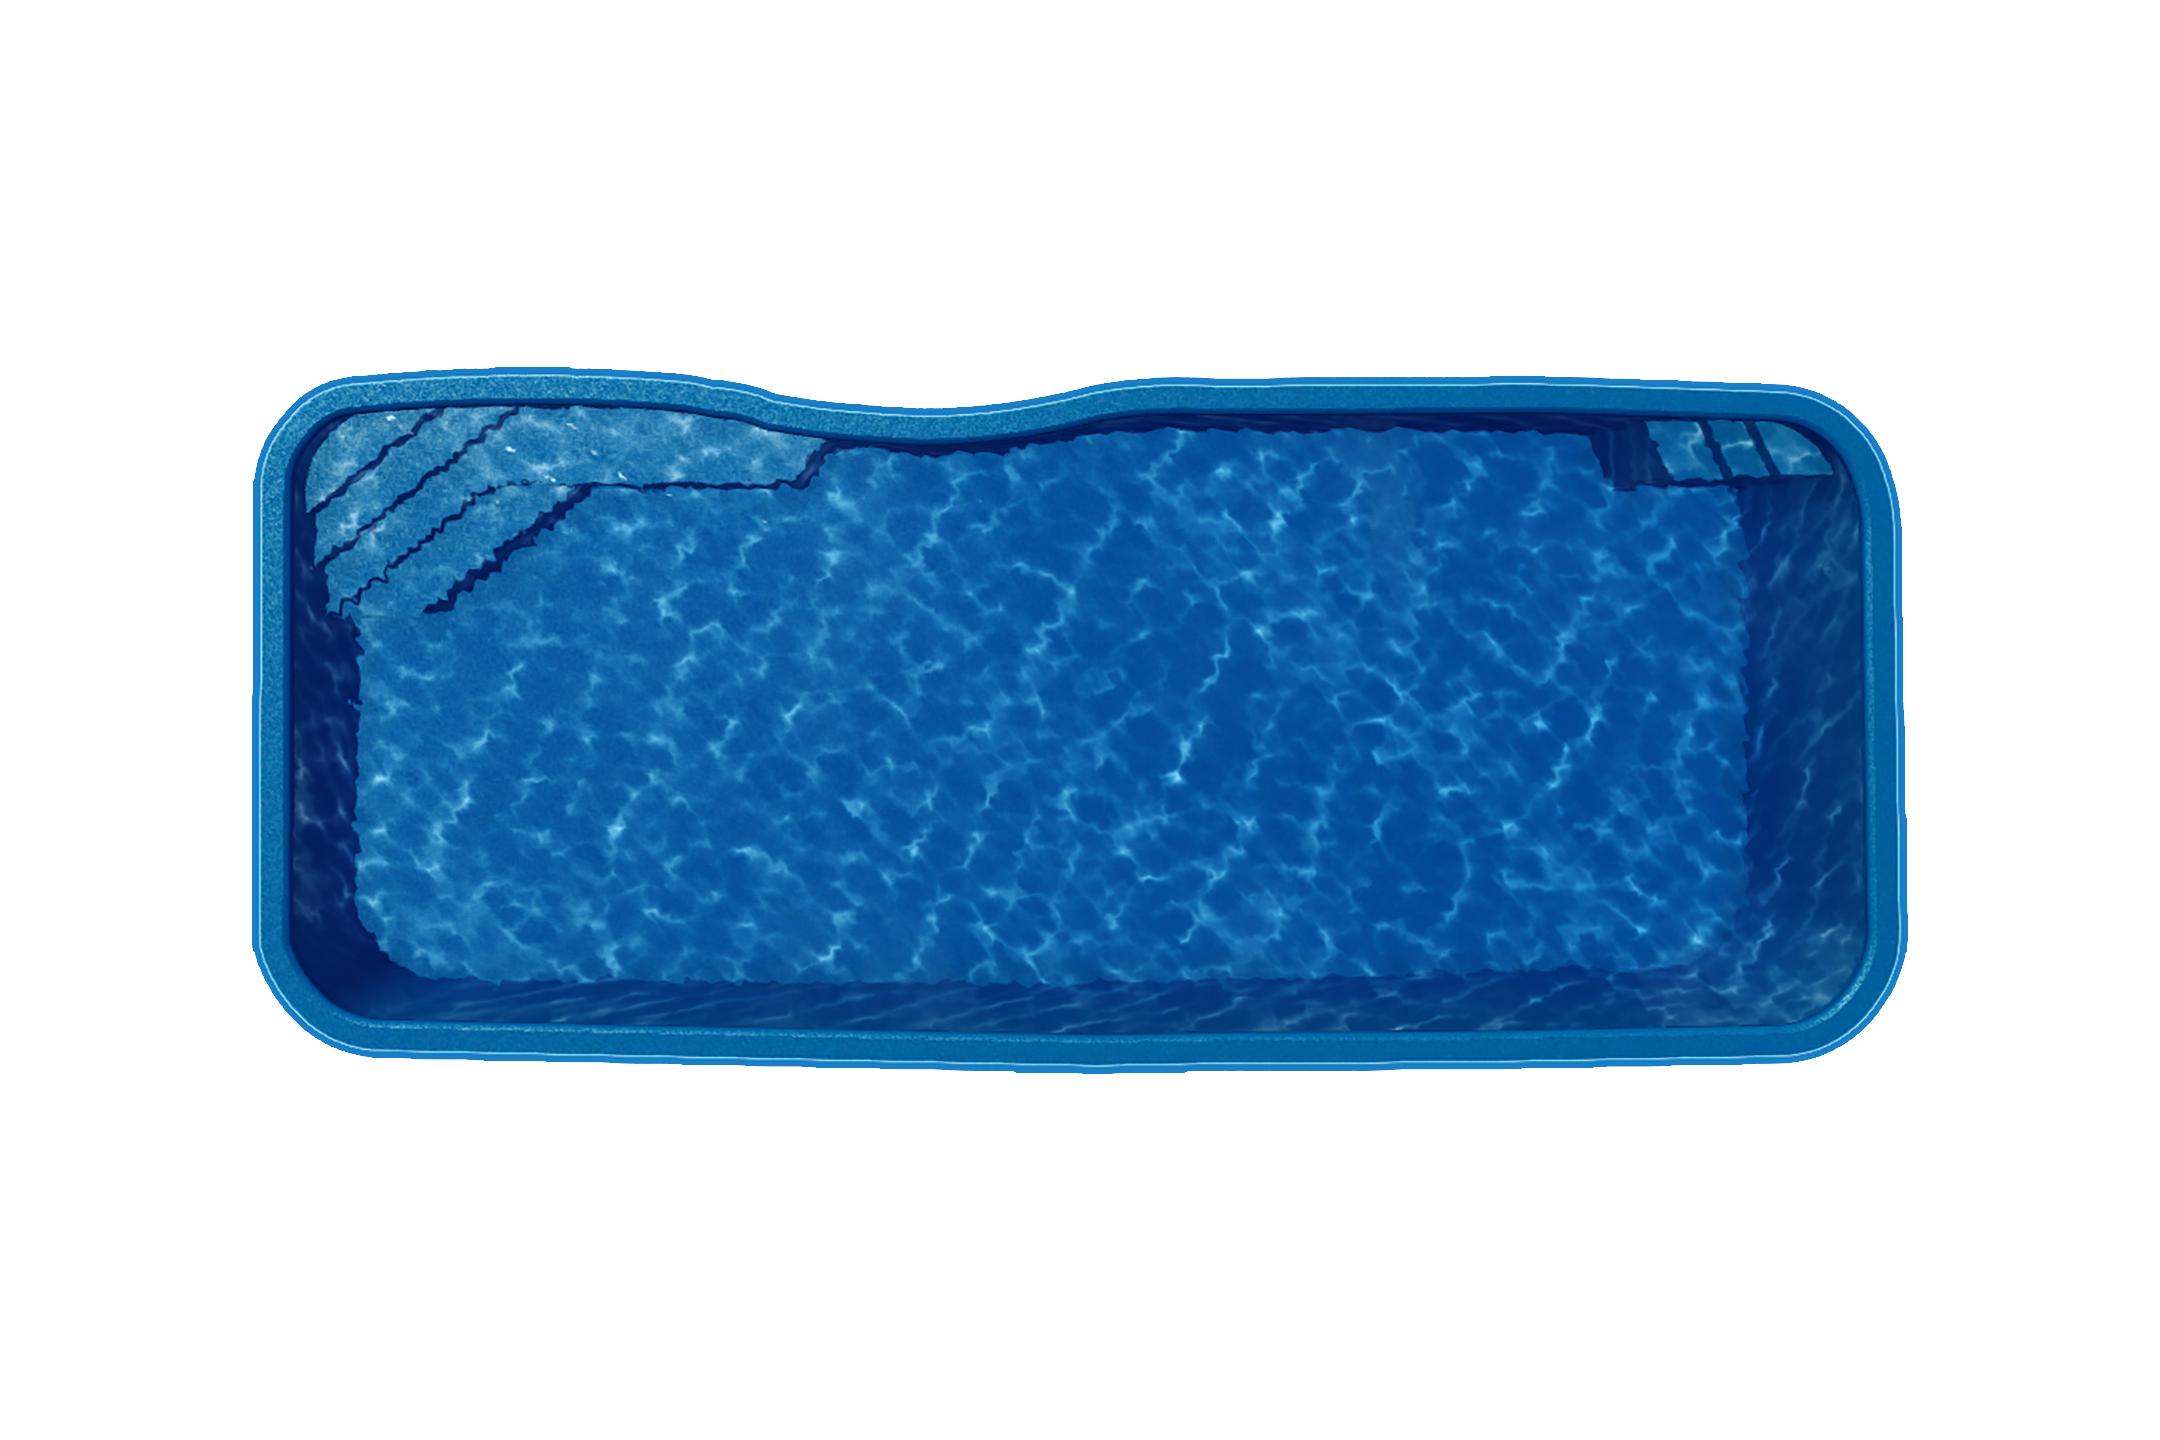 fiberglass pool - new braunfels pool company